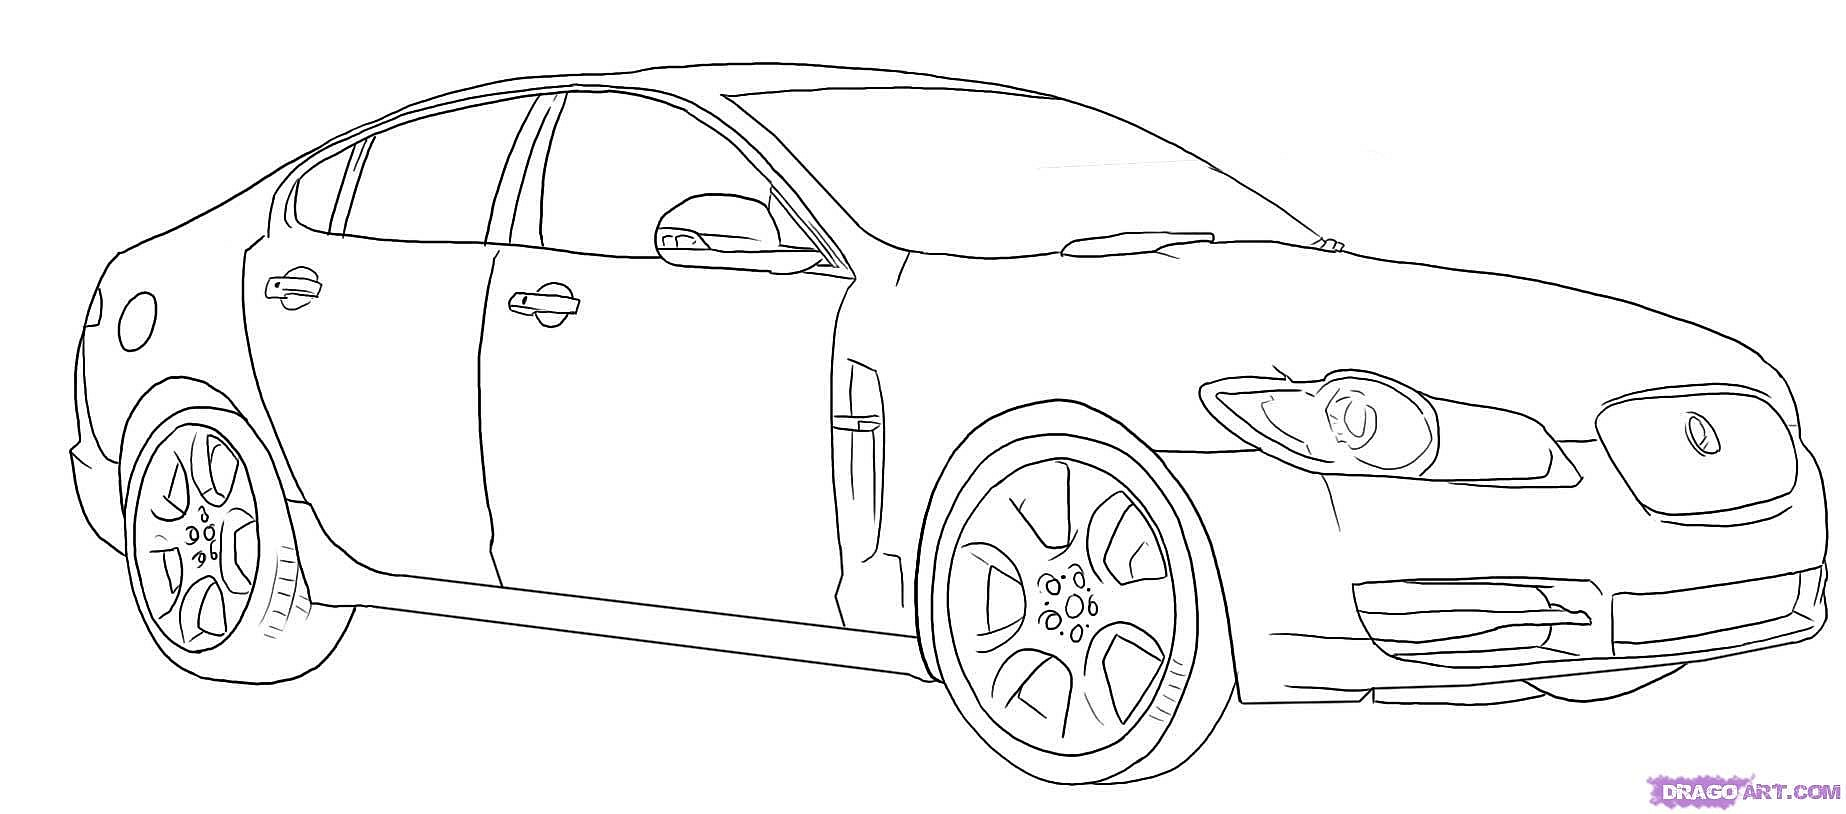 Jaguar Car Sketch At Paintingvalley